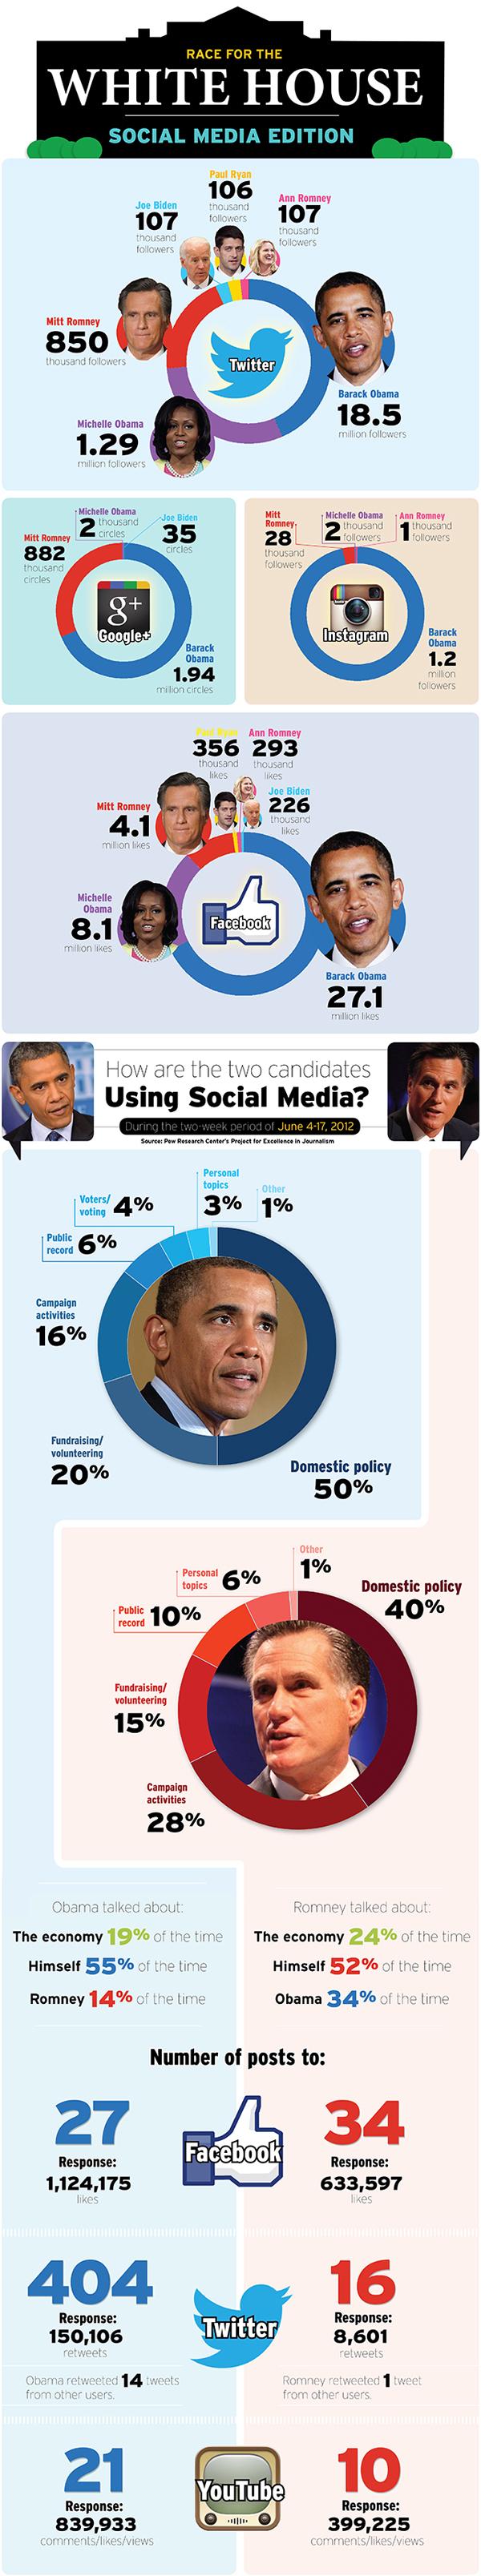 La campagna presidenziale 2012 sui social media